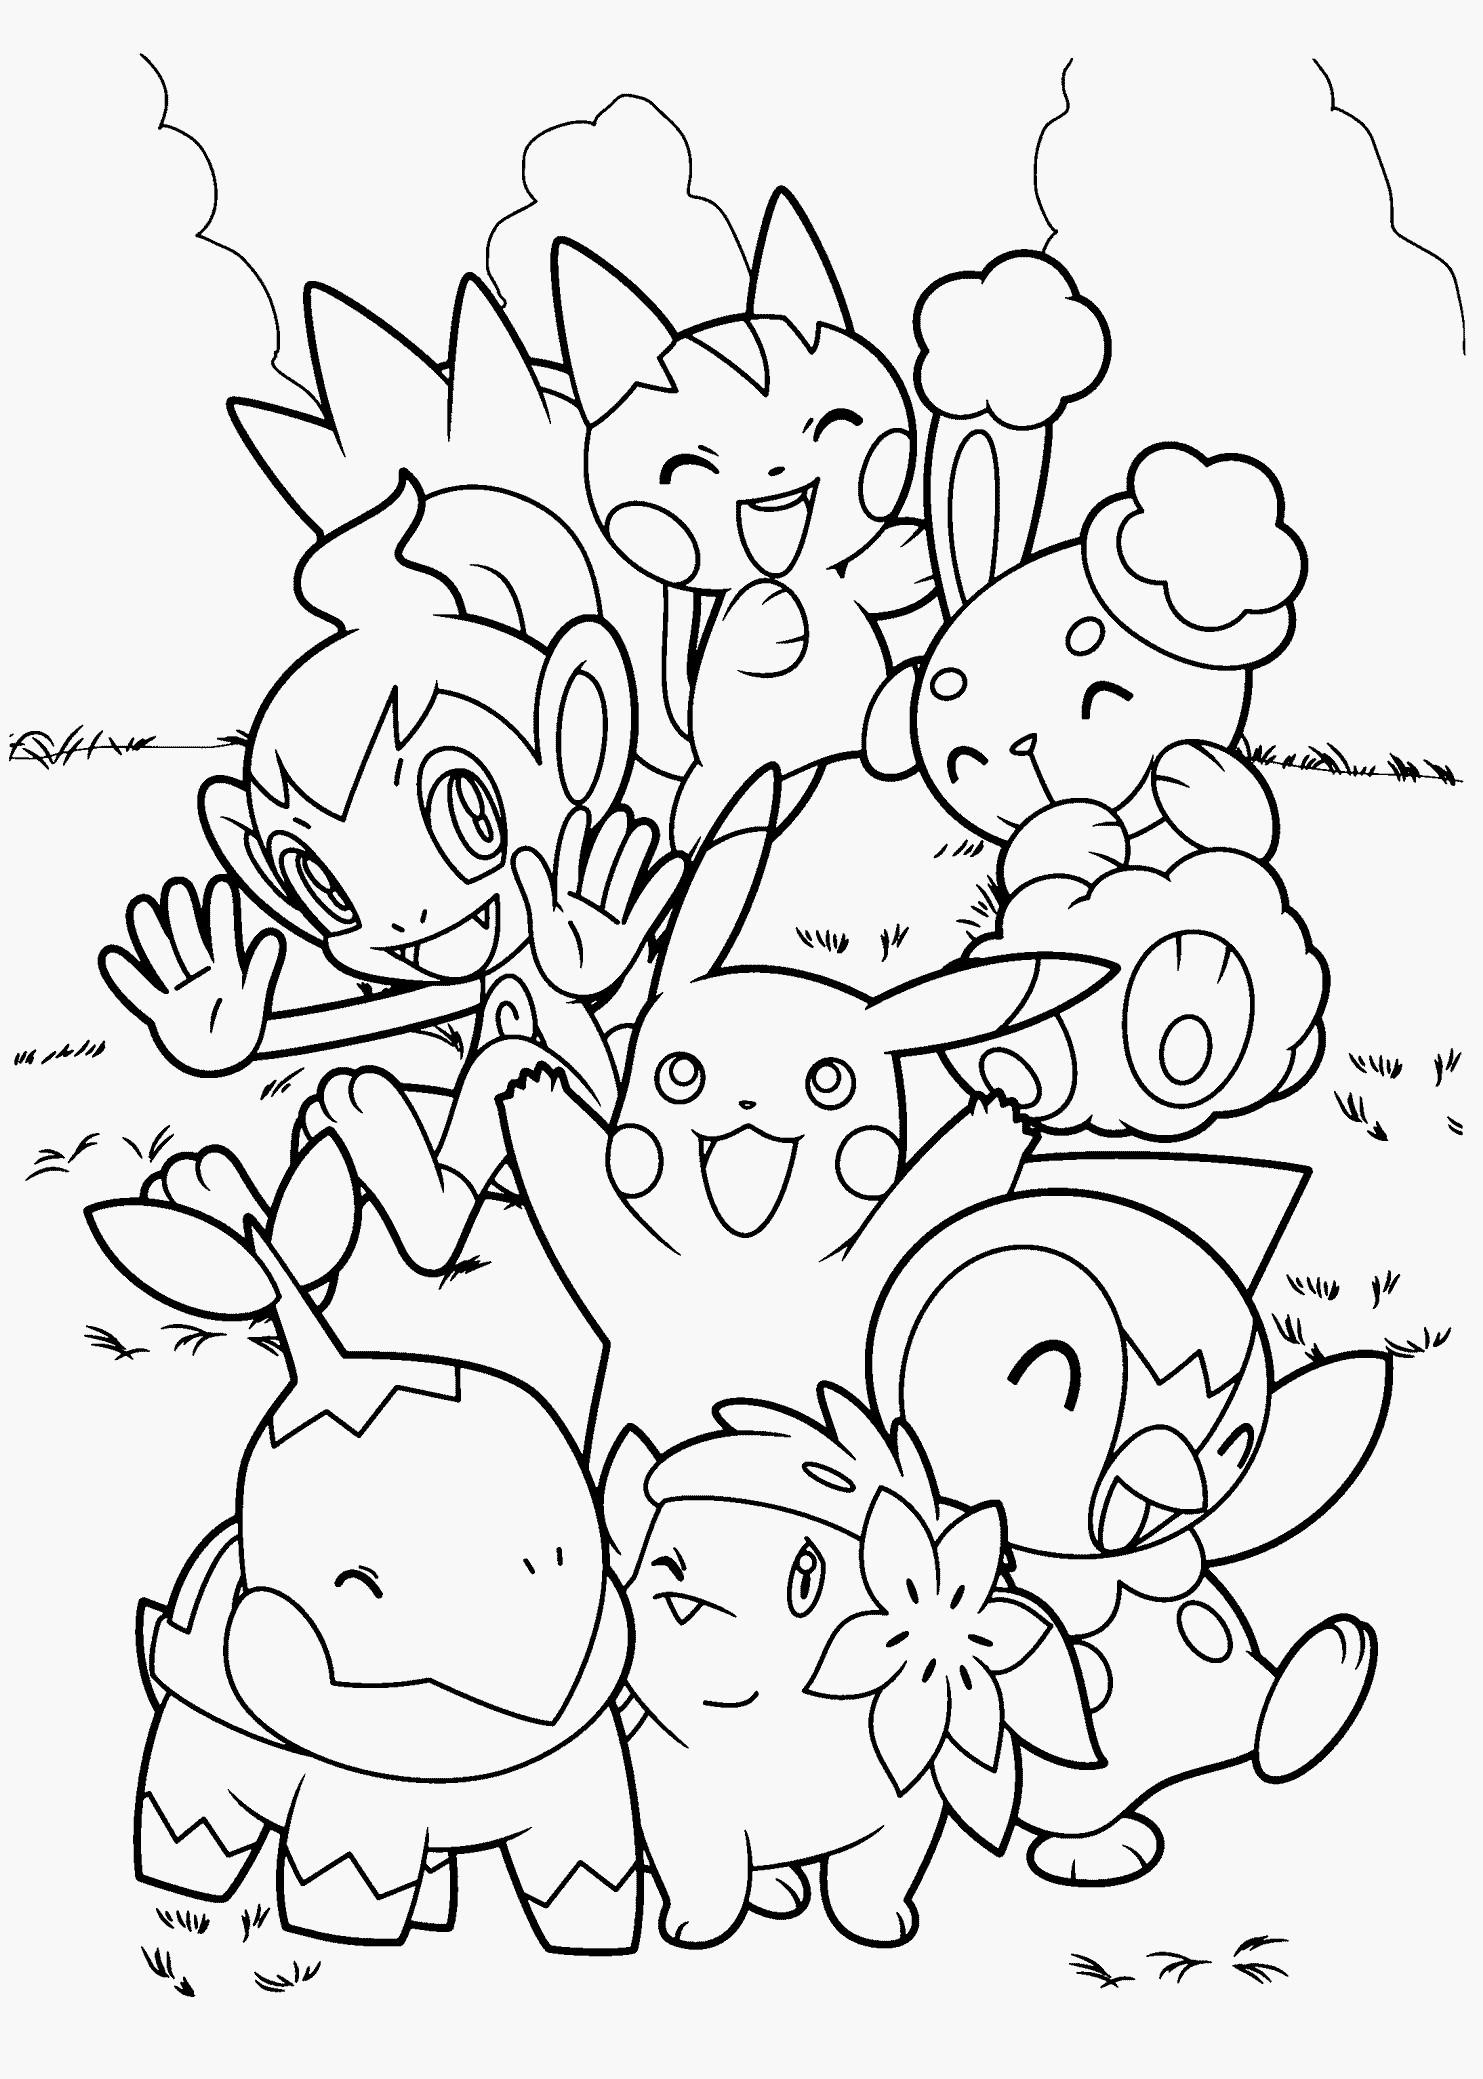 Ausmalbilder Pokemon Plinfa Frisch Malvorlagen Malvorlagen Pokemon Stock